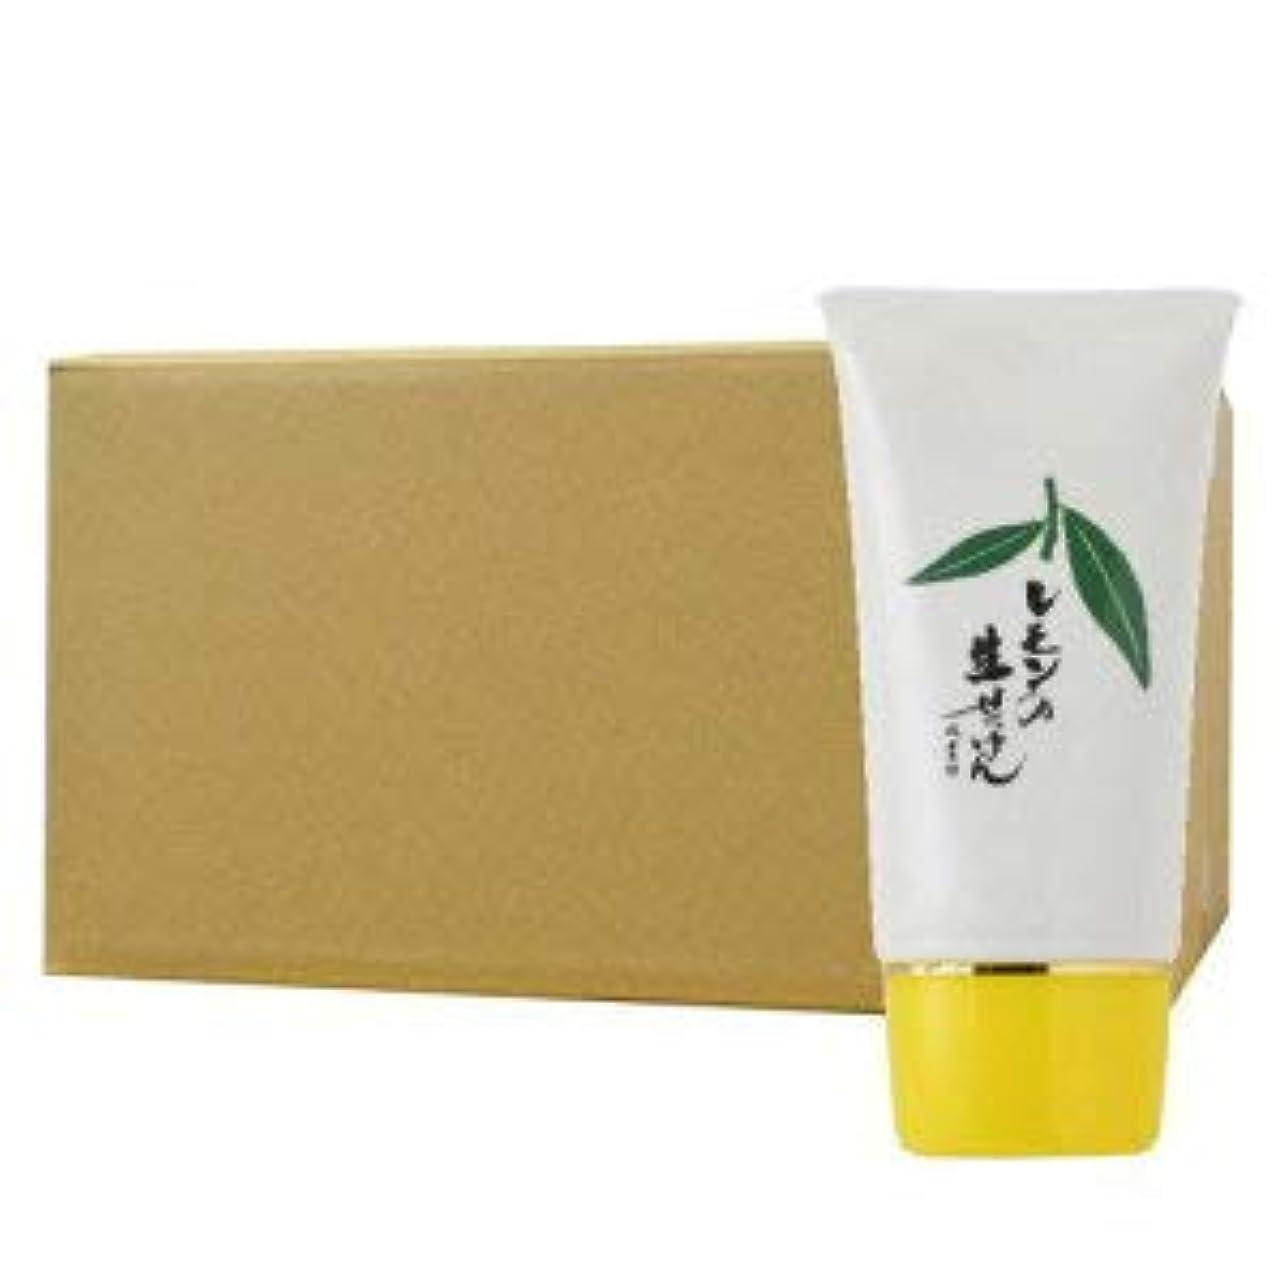 制限する明らか階段UYEKI美香柑レモンの生せっけん70g×60個セット